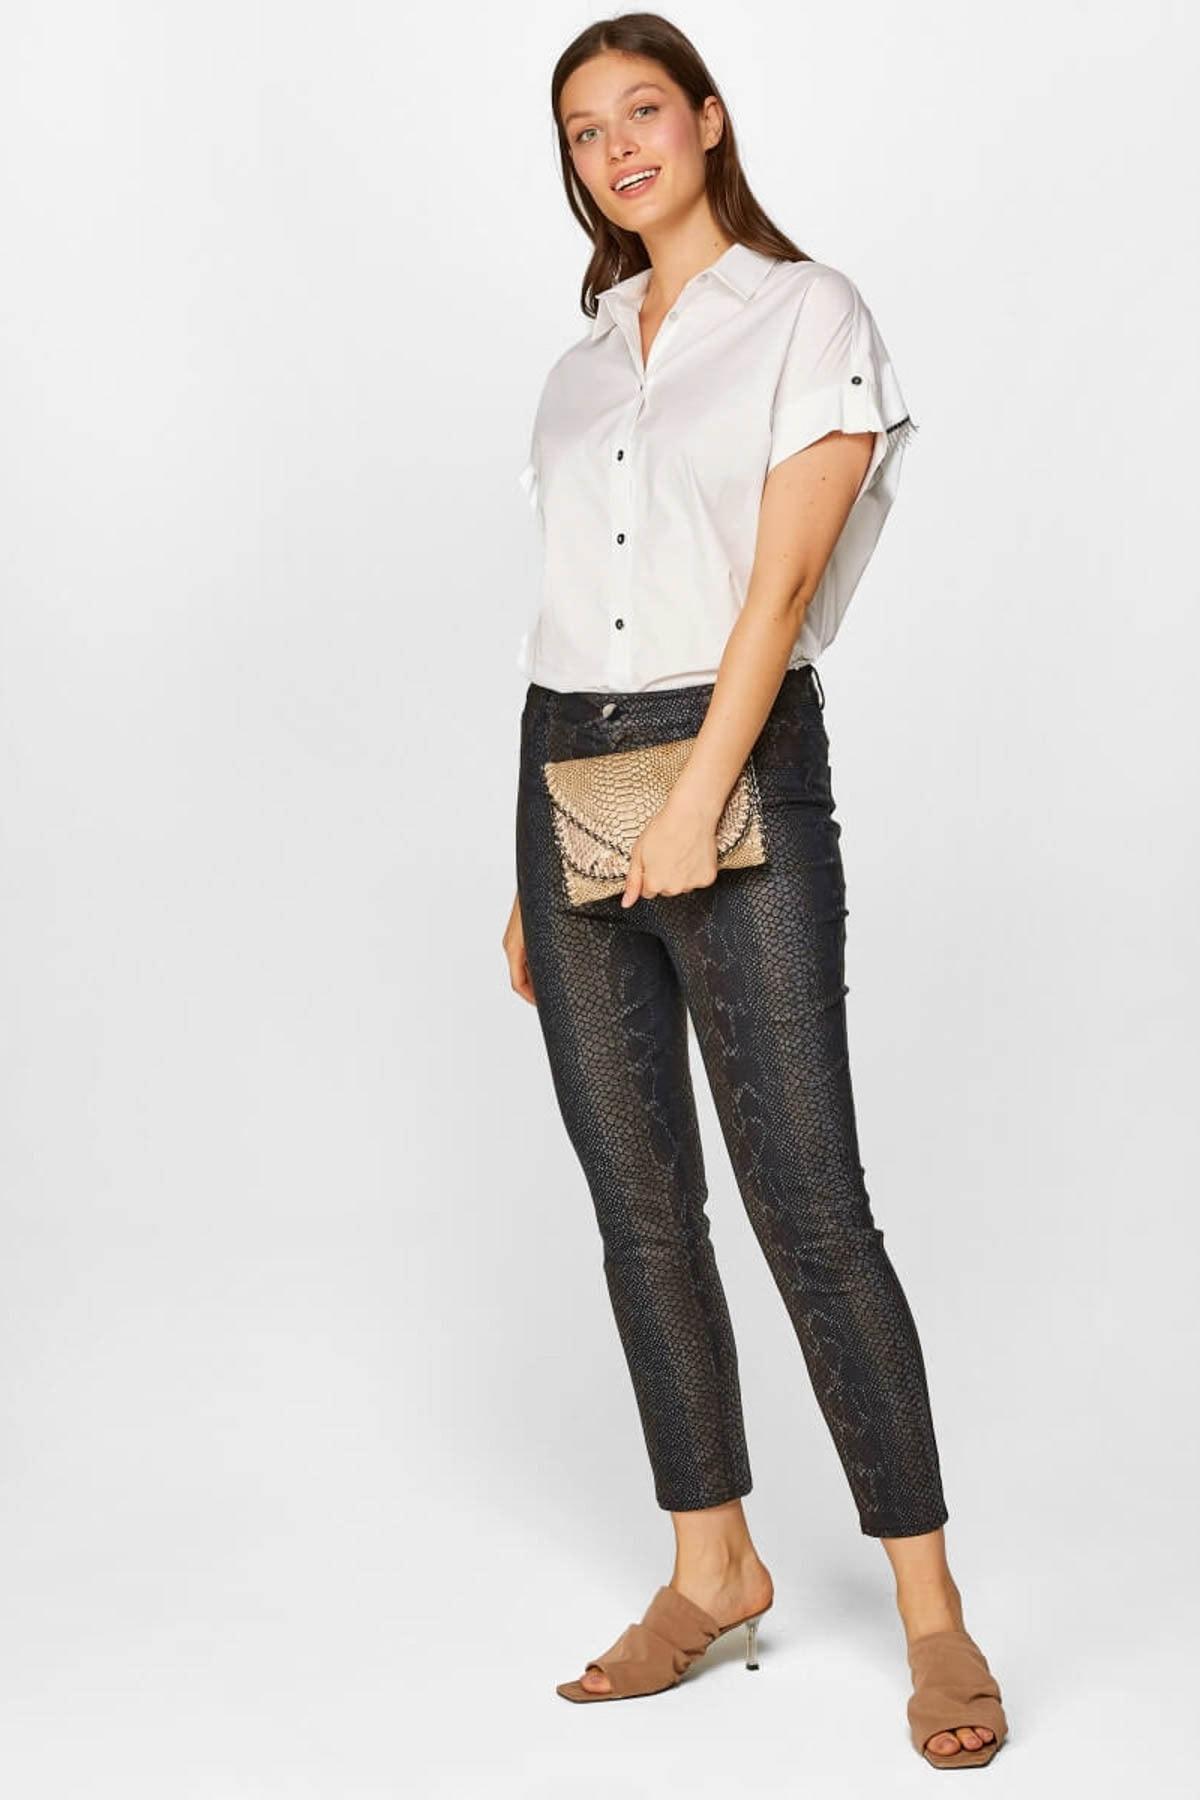 Faik Sönmez Kadın Siyah Slim Fit 5cep Yılan Desenli Pantolon 60573 u60573 1